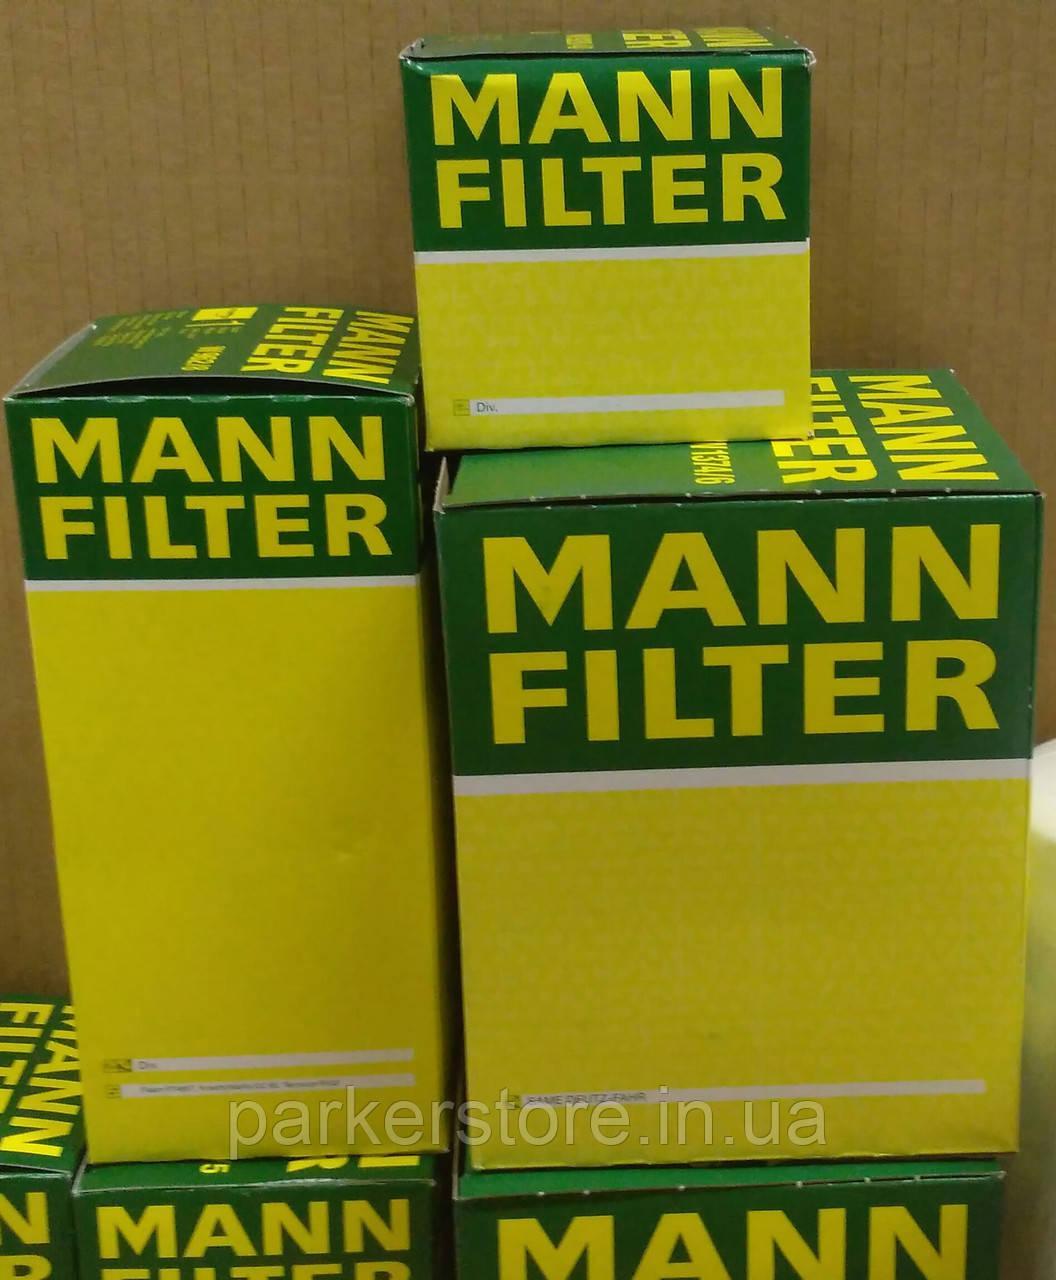 MANN FILTER / Воздушный фильтр / C 30 012 / C30012